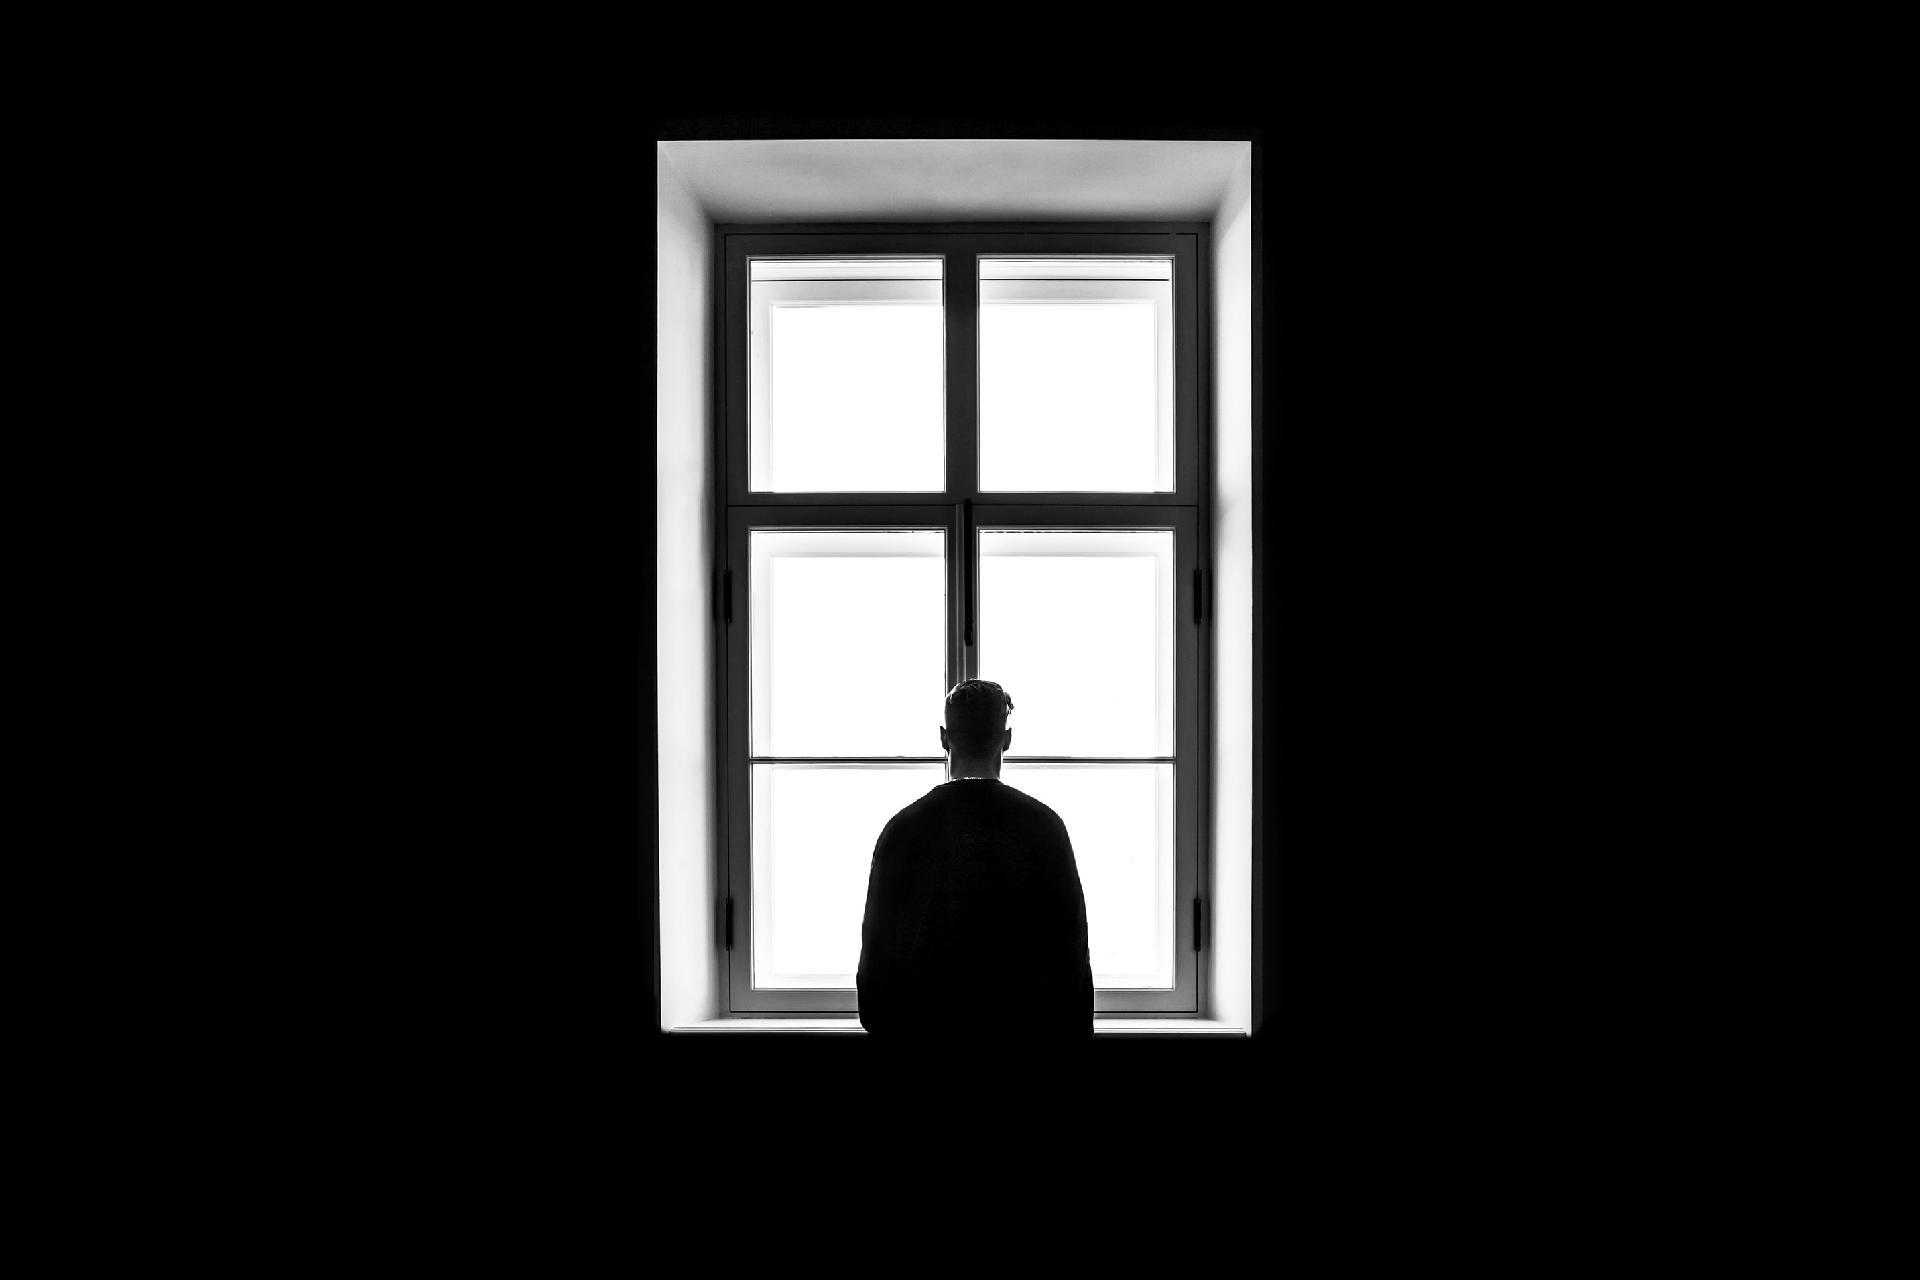 O cérebro sabe quando nos sentimos solitários